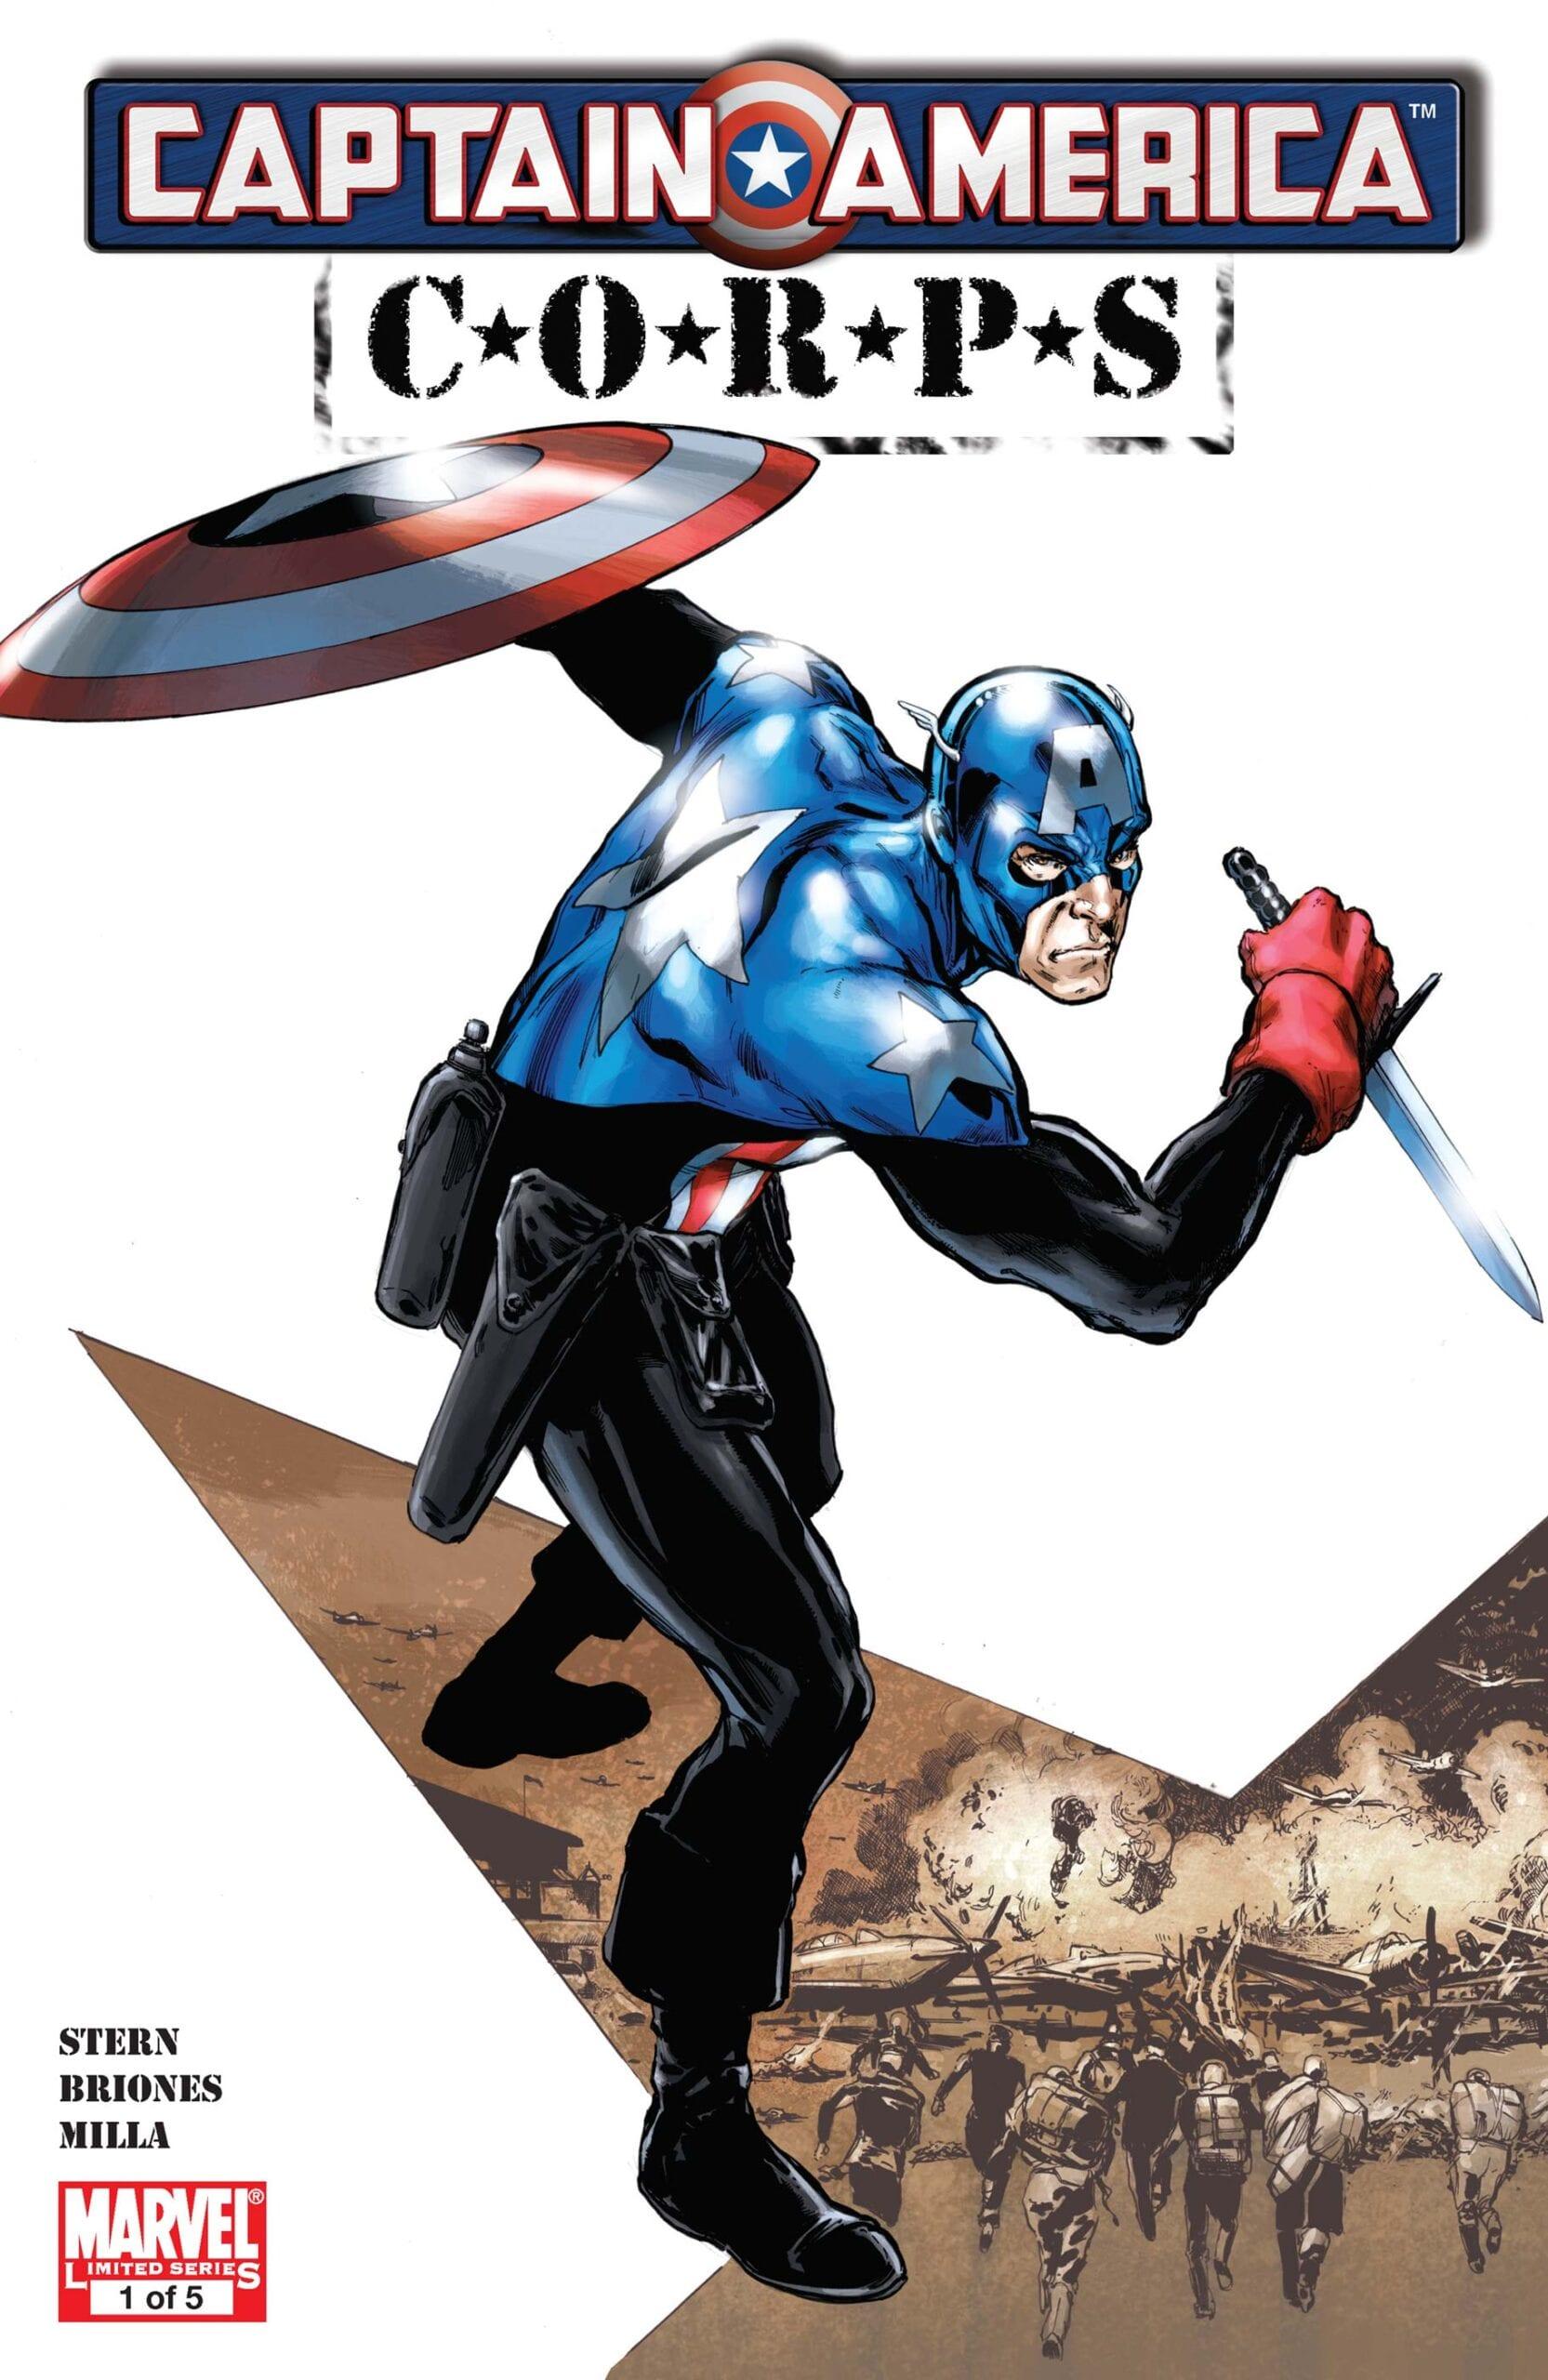 Comic completo Captain America Corps